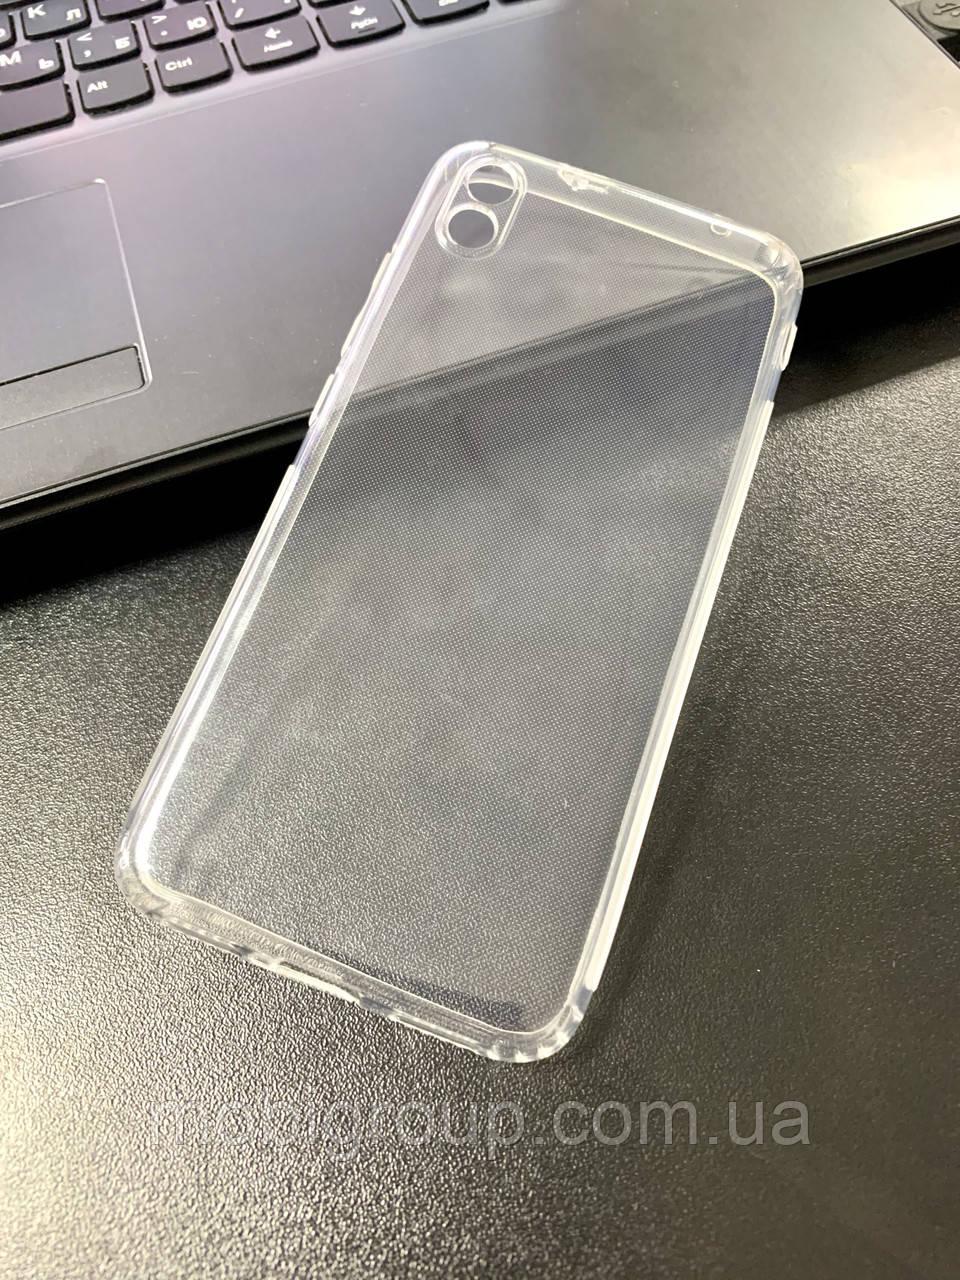 Чехол для Xiaomi Redmi 7A силиконовый прозрачный (с заглушками)